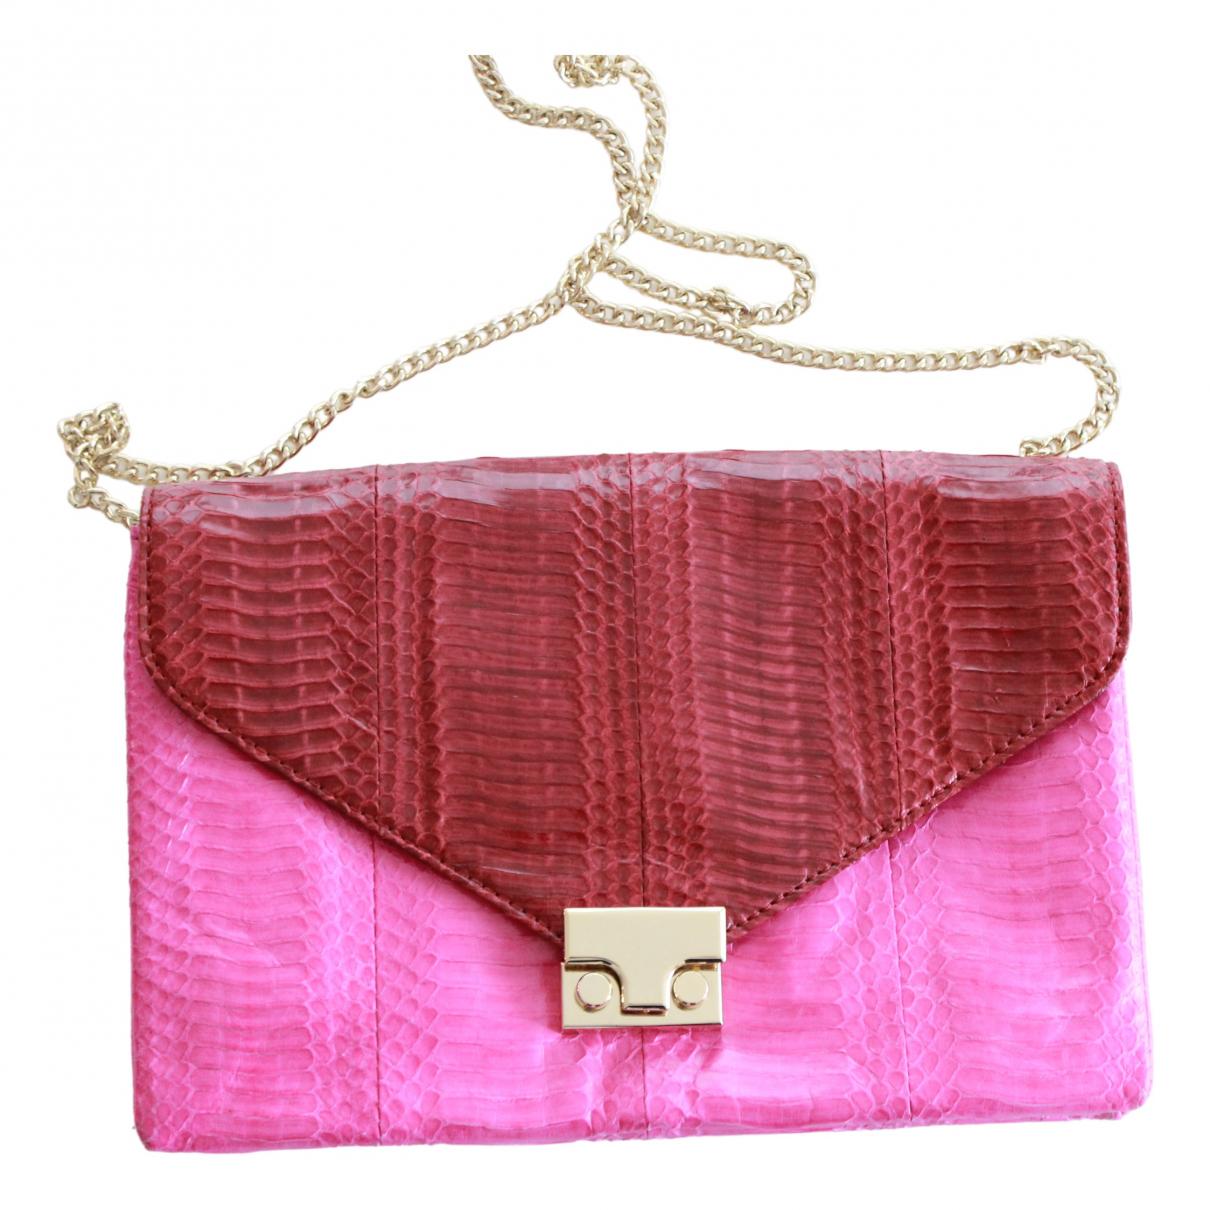 Loeffler Randall \N Multicolour Leather handbag for Women \N